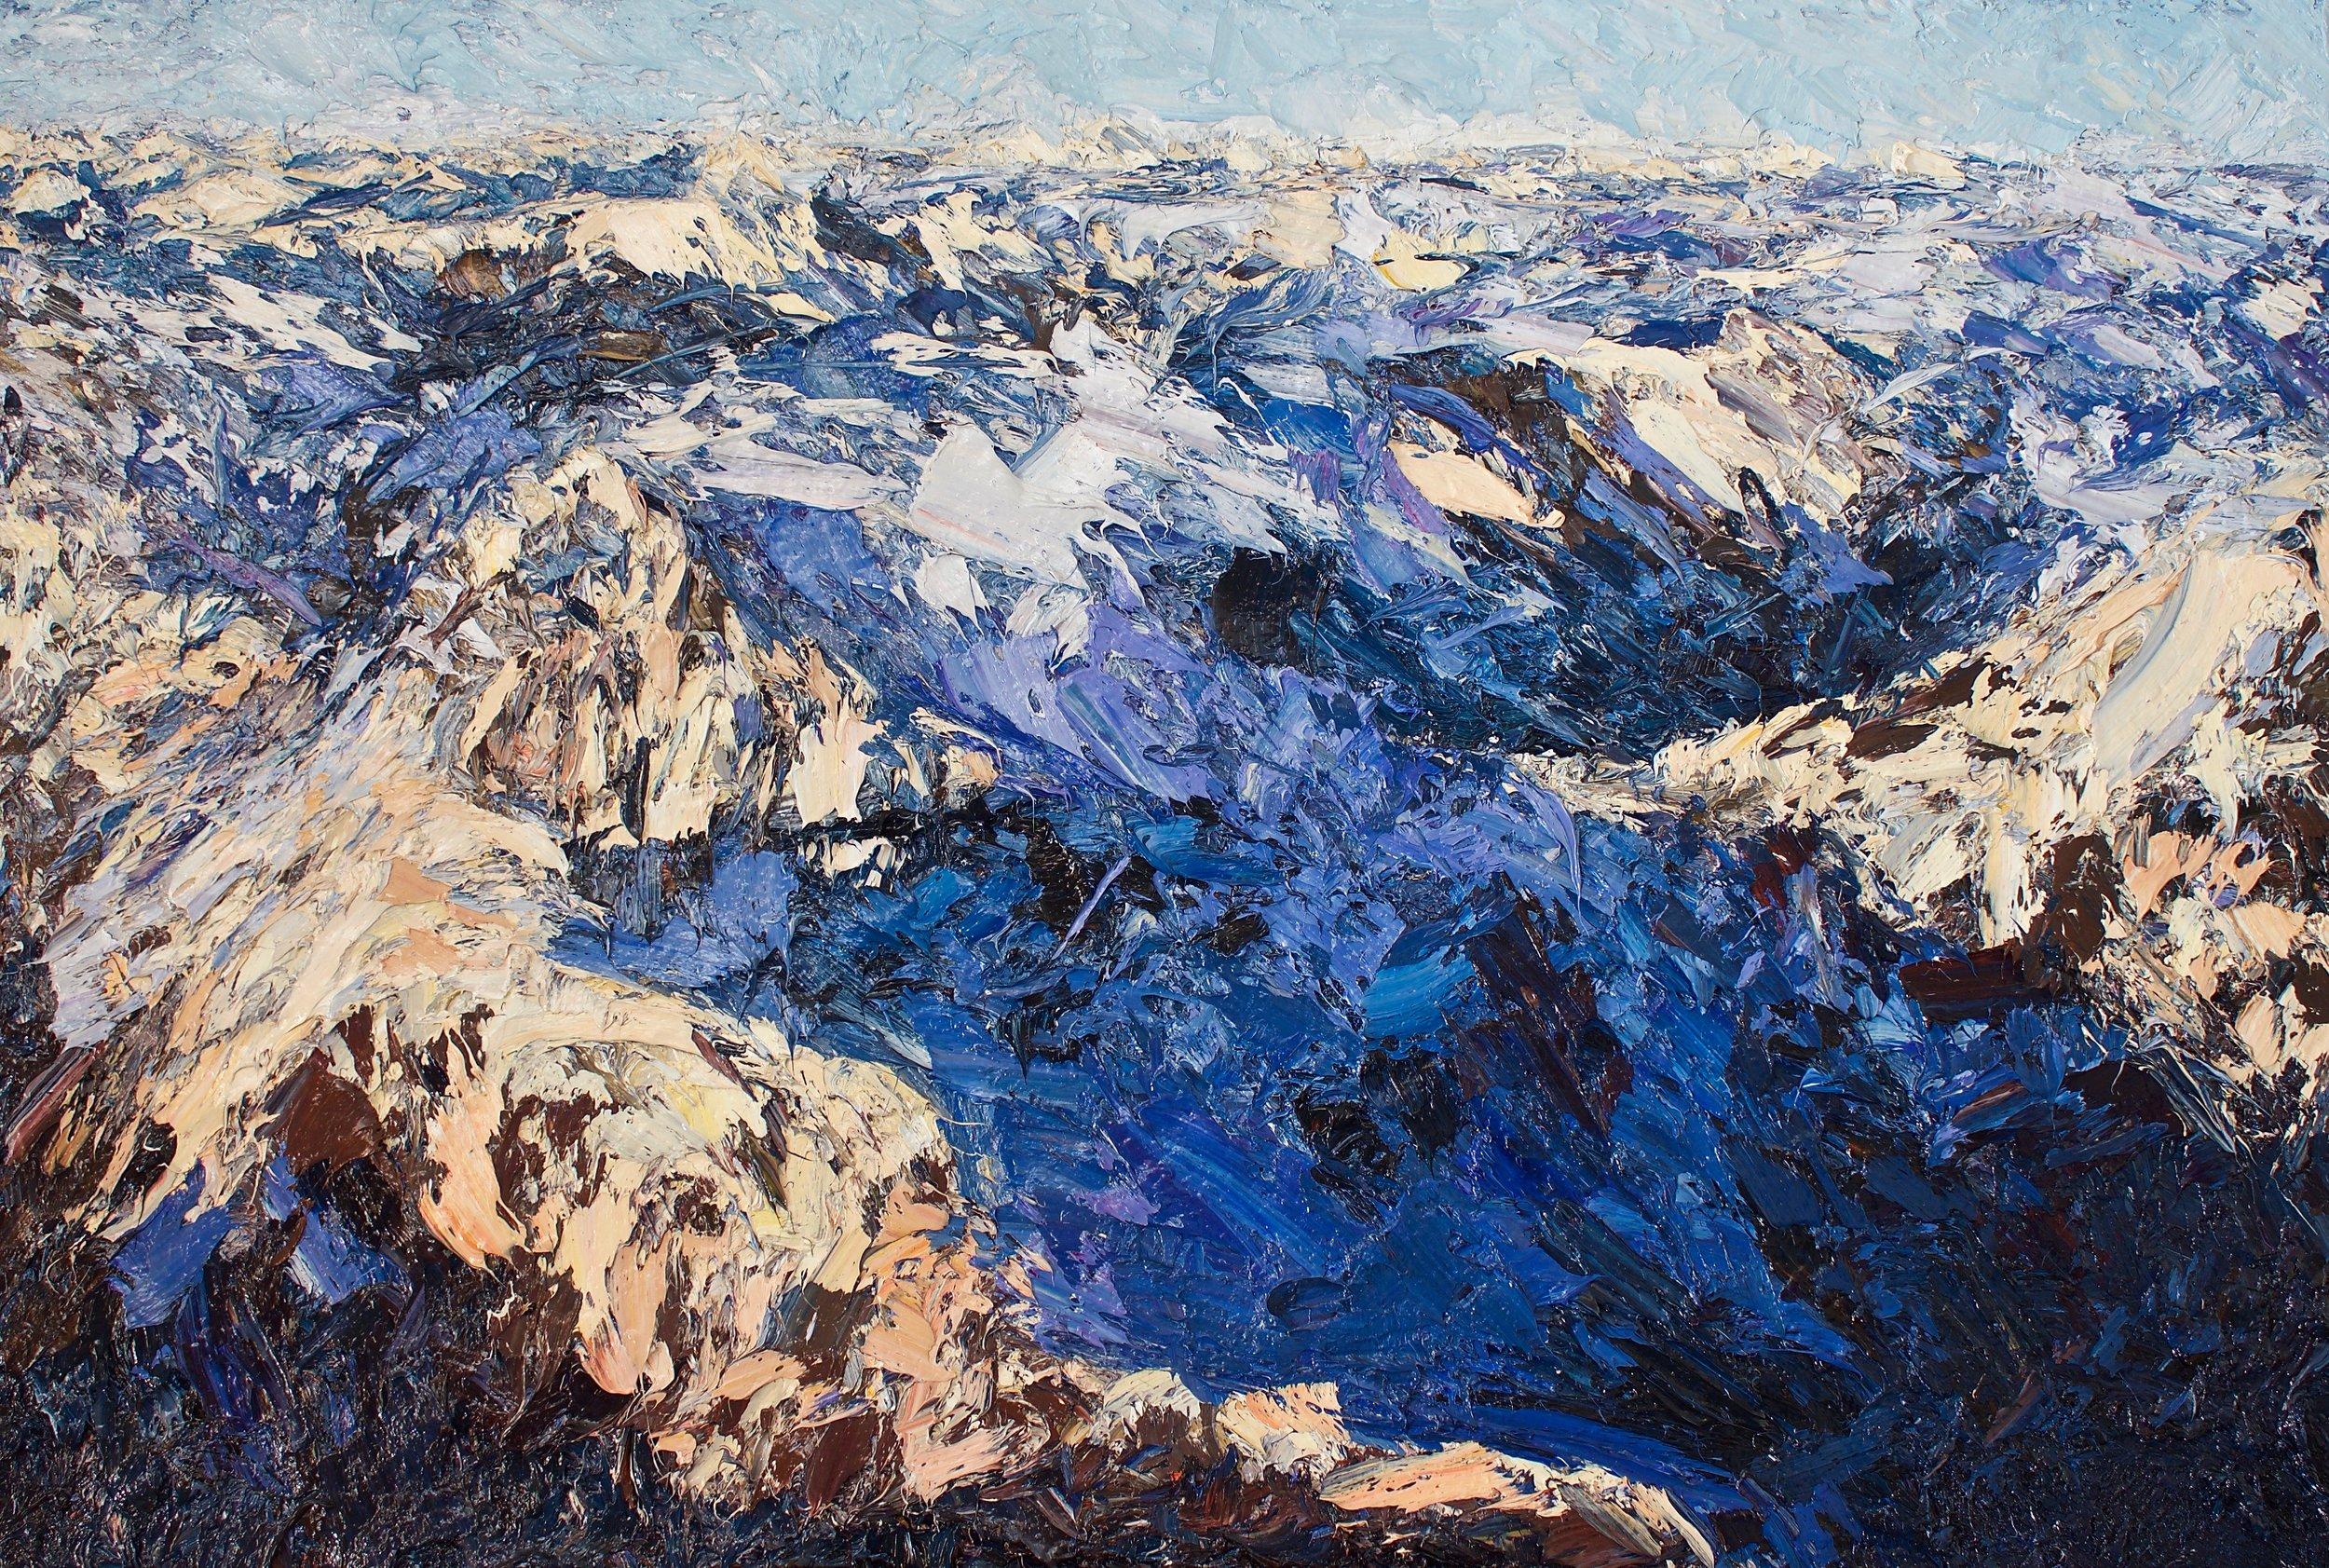 Holly Zandbergen Darren Mountains, Fiordland, 2017 oil on canvas 100 x 150 cm 39 38 x 59 18 in.jpg